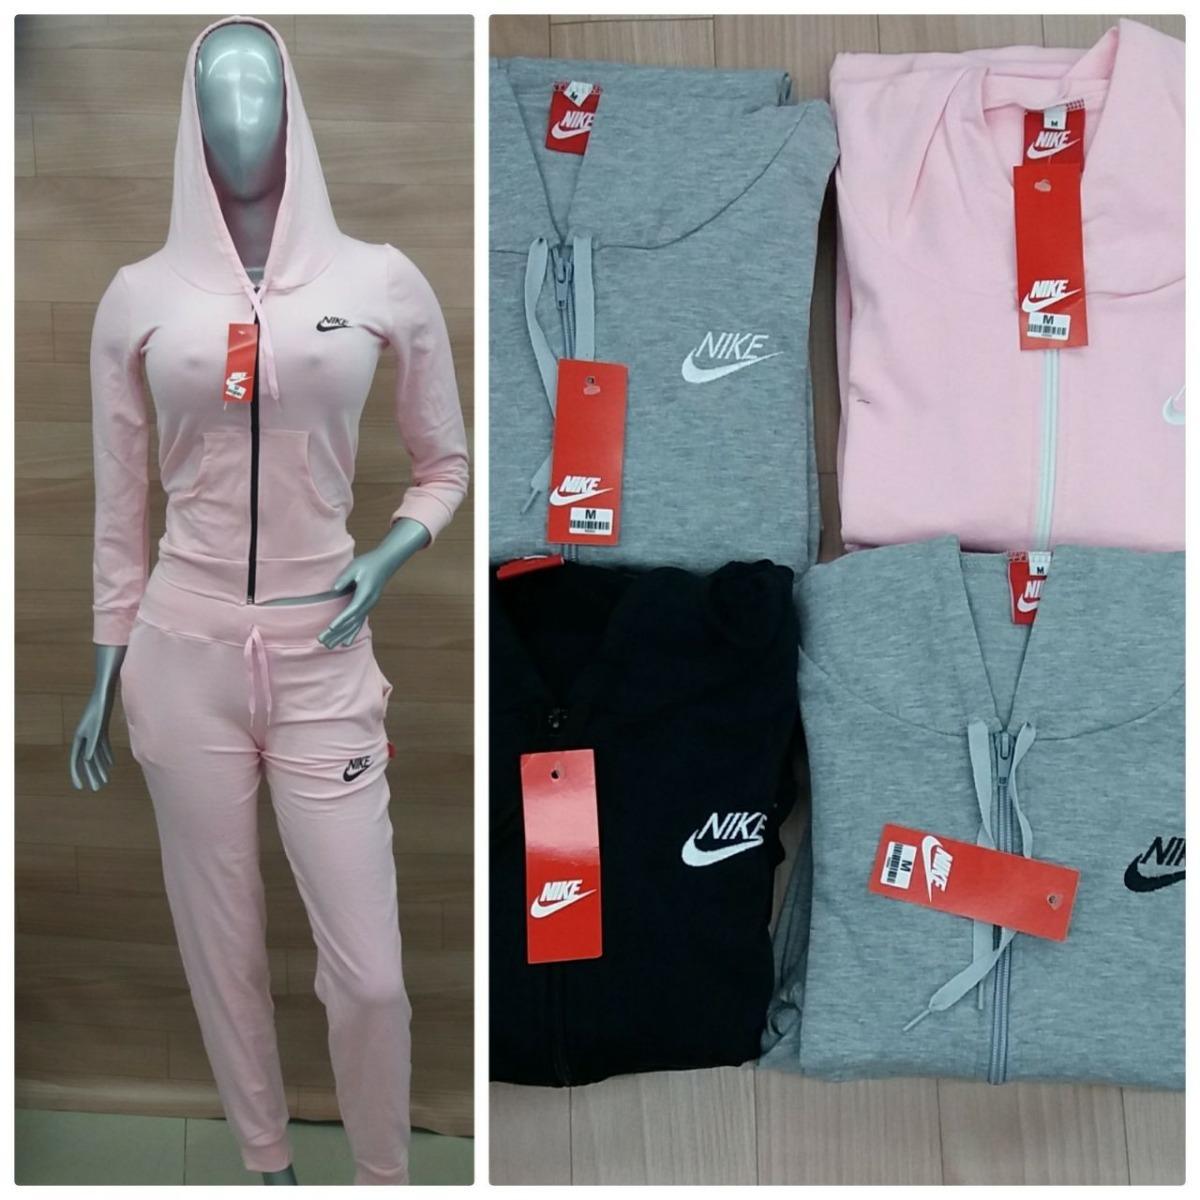 8efdfa2a089e8 Conjuntos Deportivos Nike Jk Jn3 De Dama -   96.000 en Mercado Libre